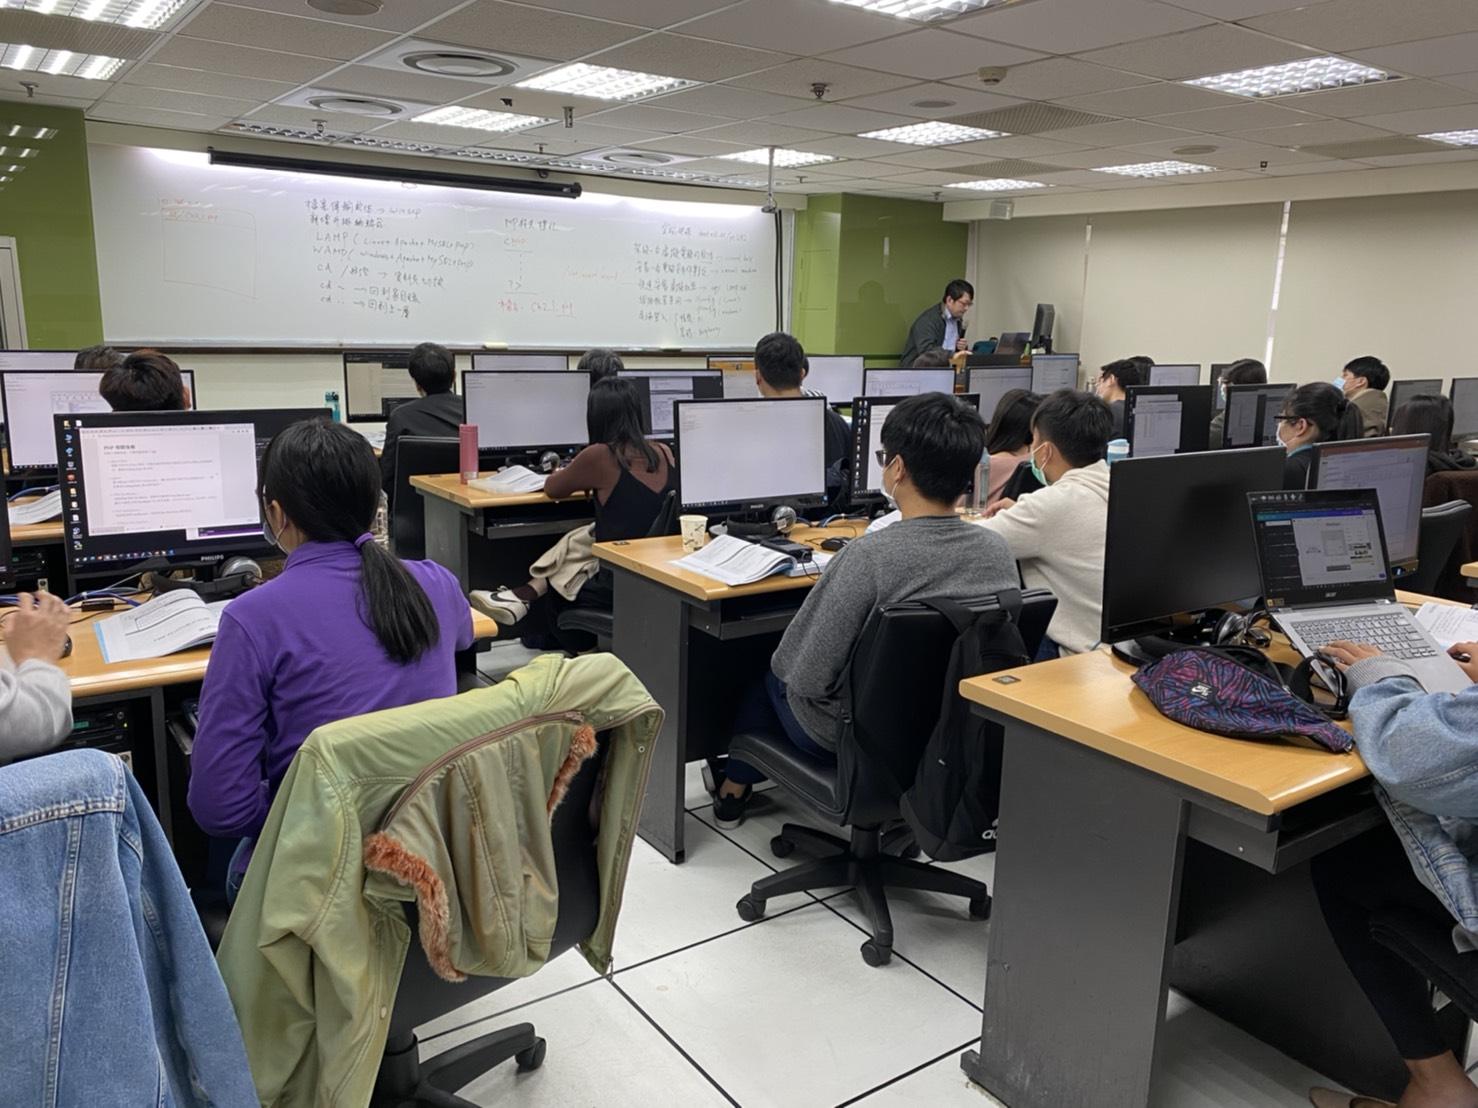 免費學技能 聖約翰科大產業新尖兵助待業青年練專長-工業管理系